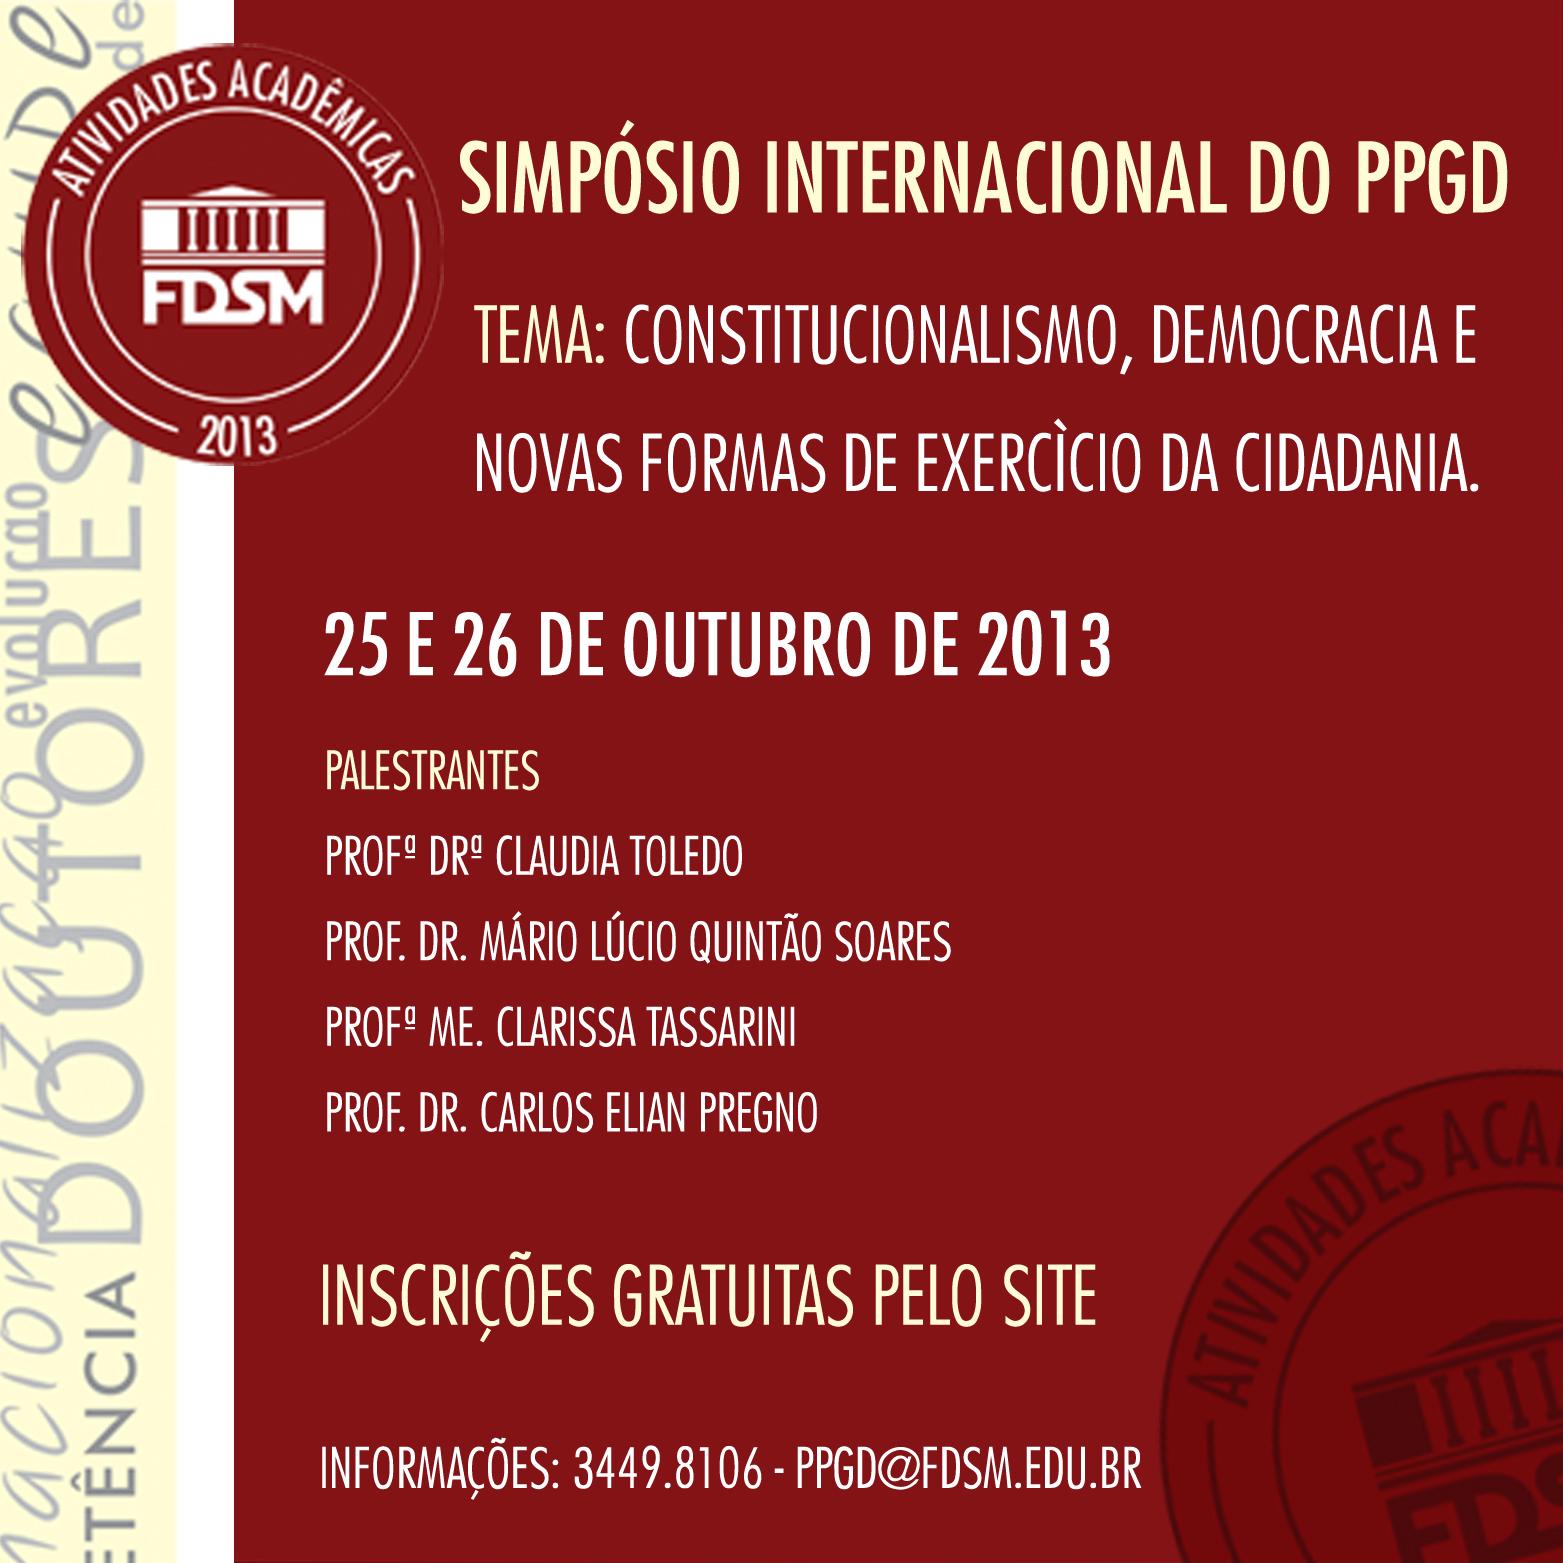 SIMPÓSIO INTERNACIONAL DO PPGD